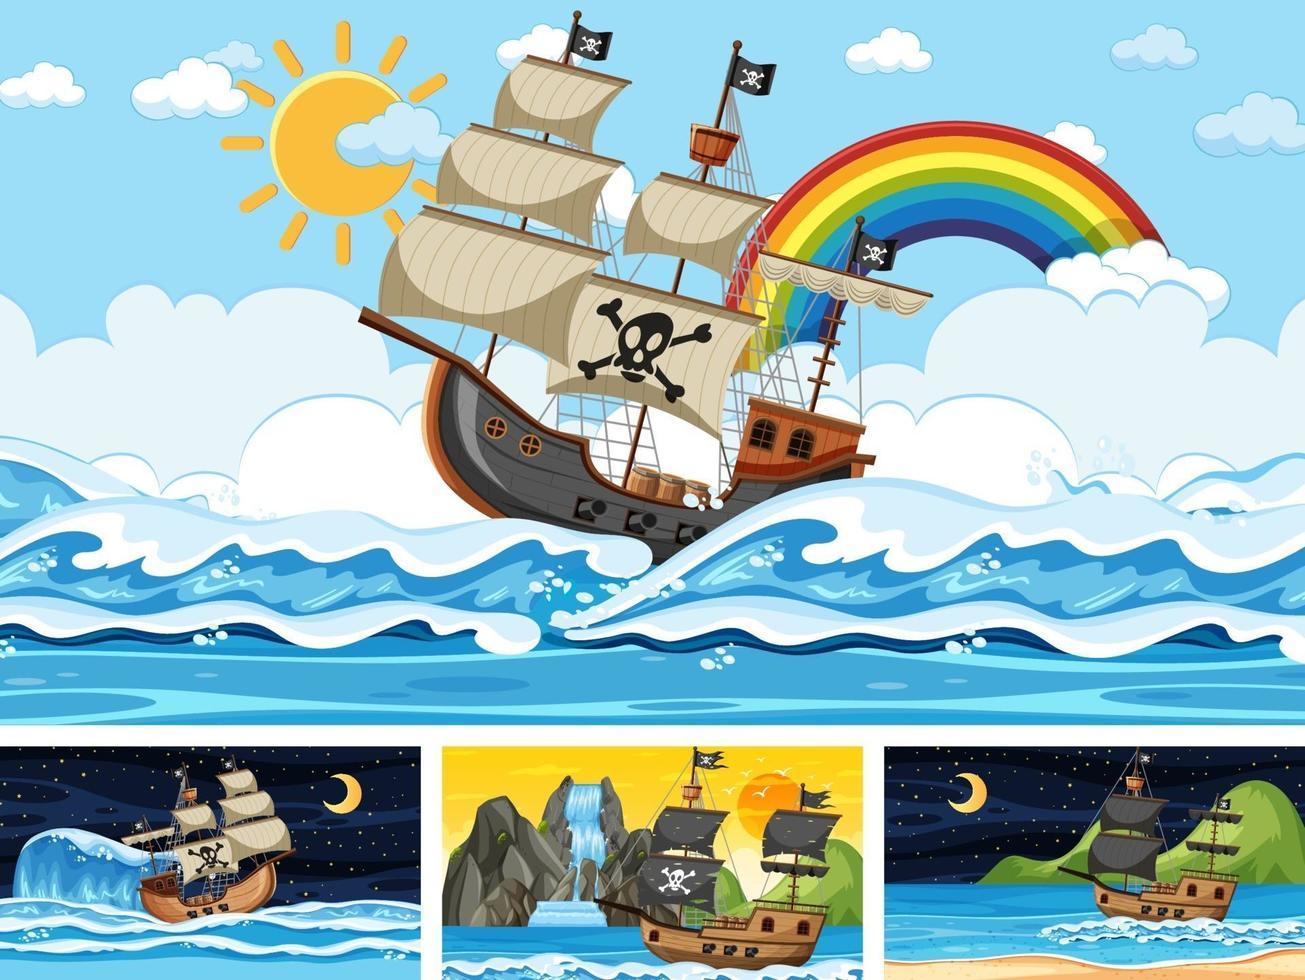 conjunto de oceano com navio pirata em diferentes momentos, cenas em estilo cartoon vetor